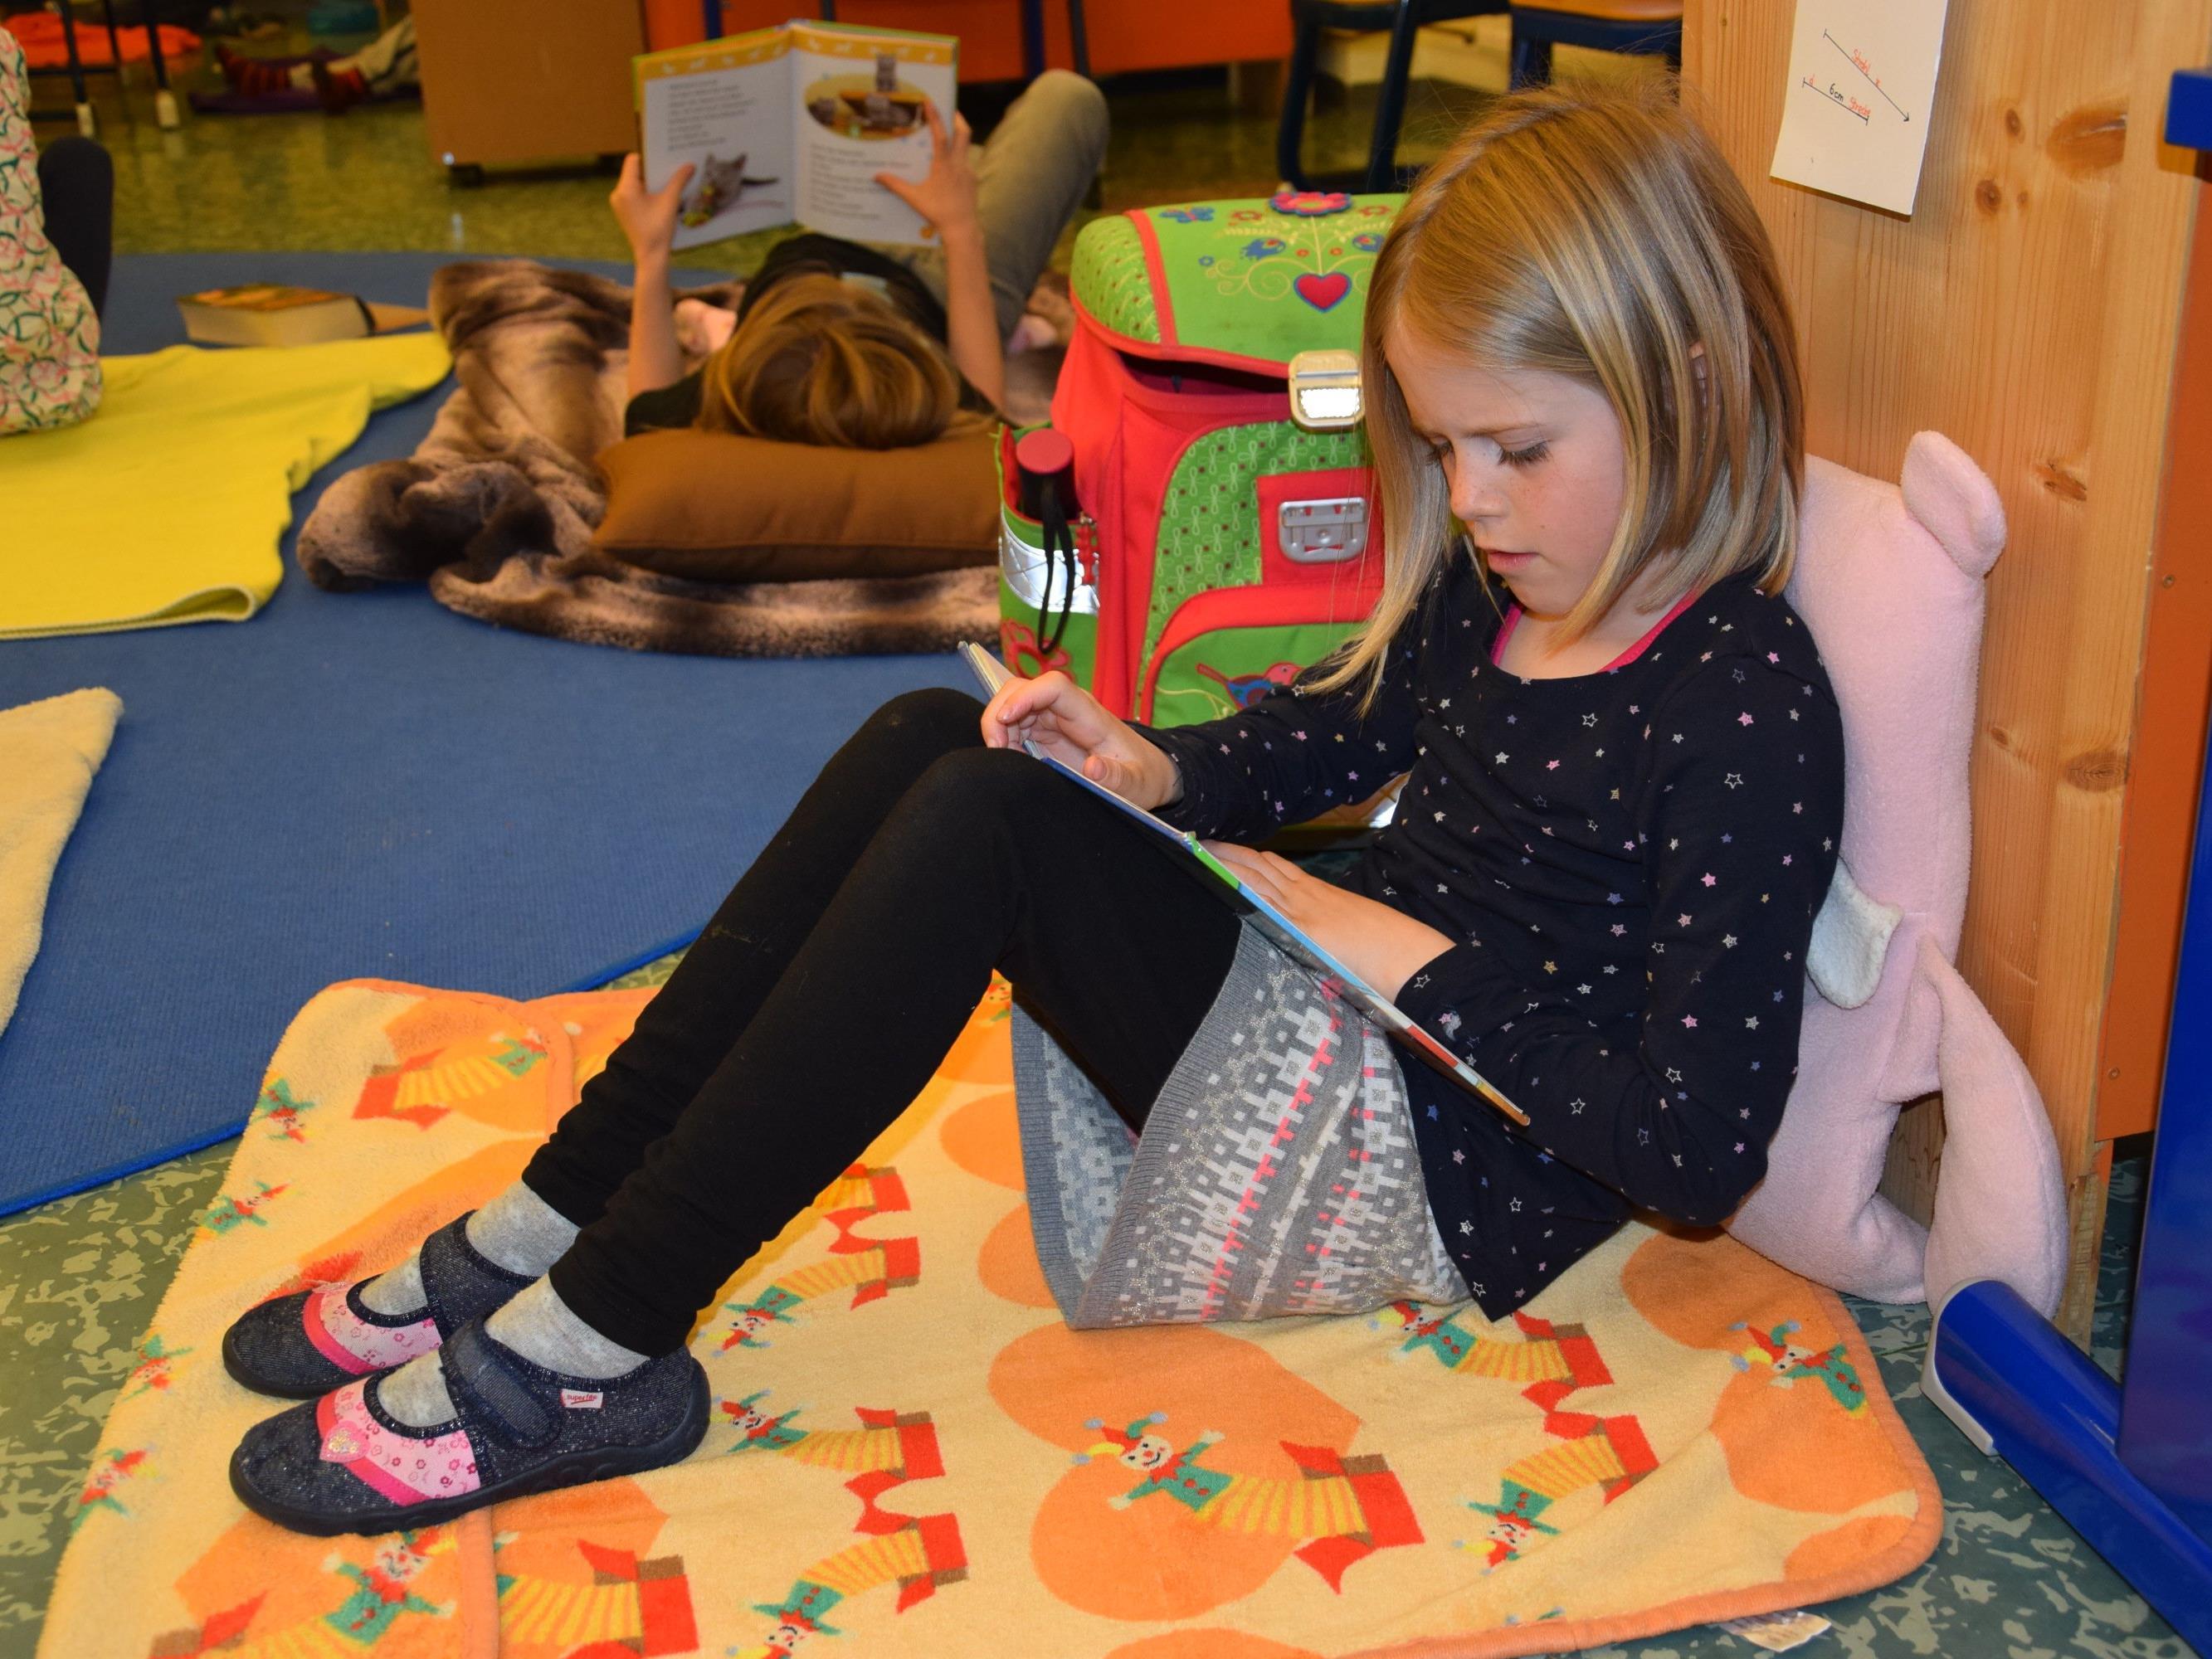 Die Kinder waren in ihre Lieblingsbücher vertieft